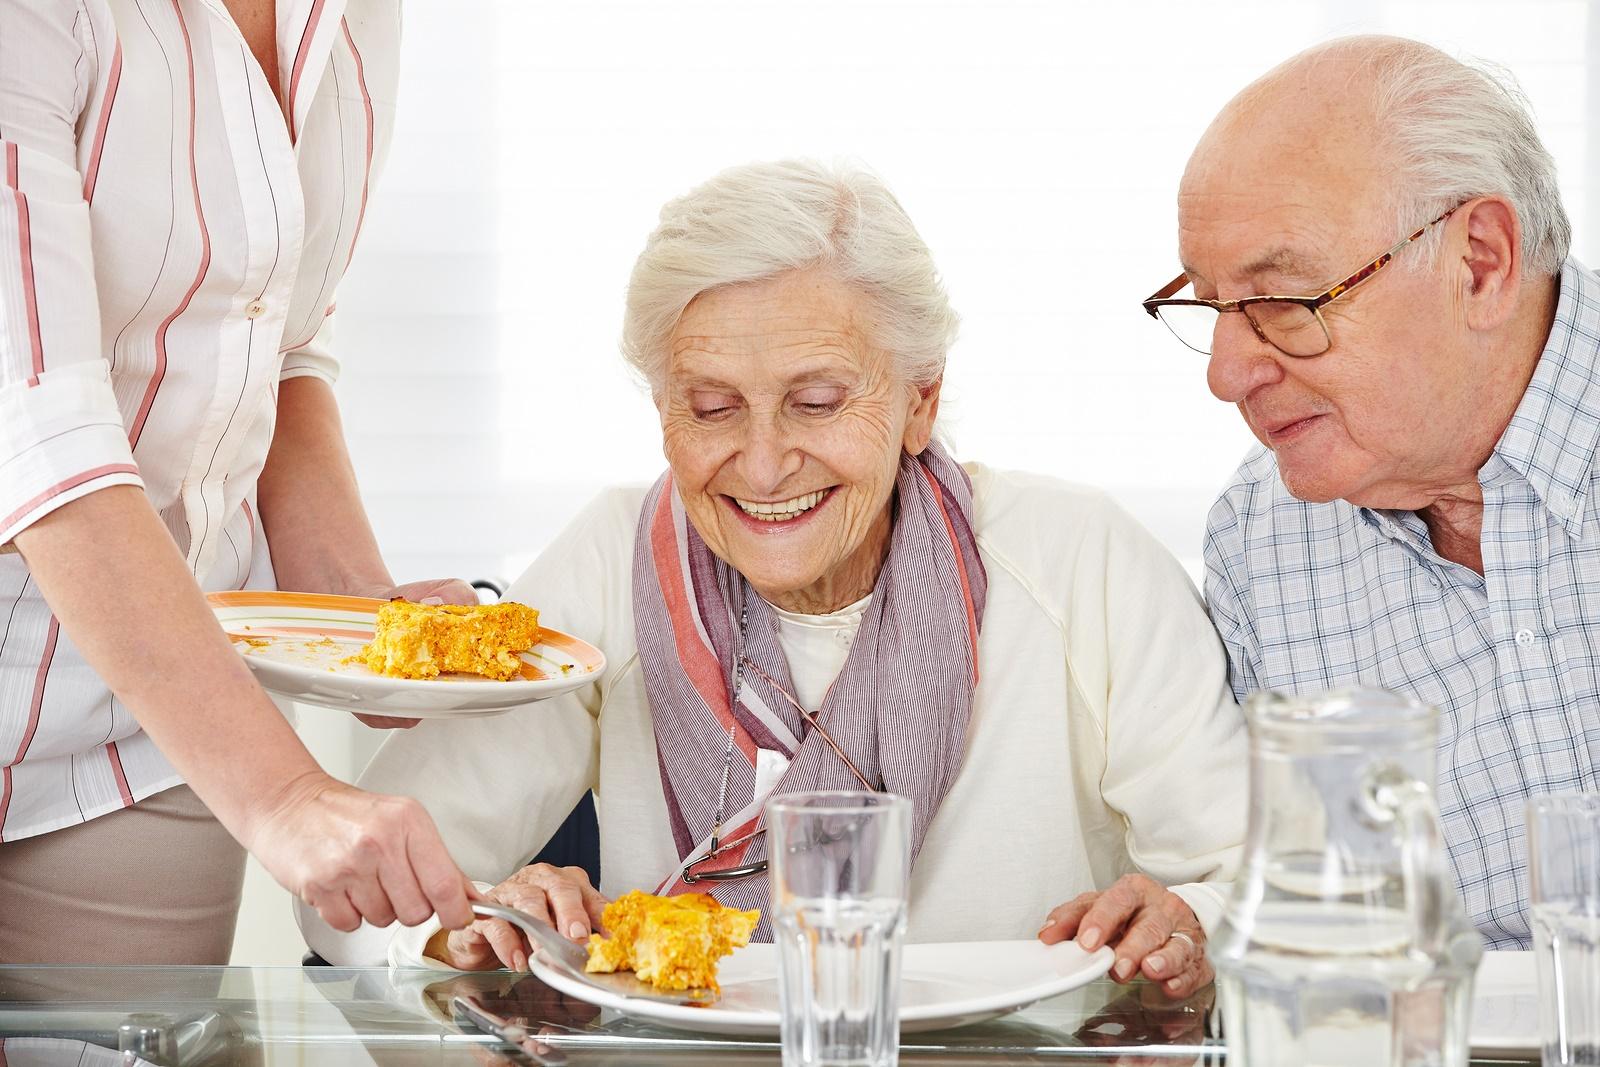 pérdida de apetito en los ancianos